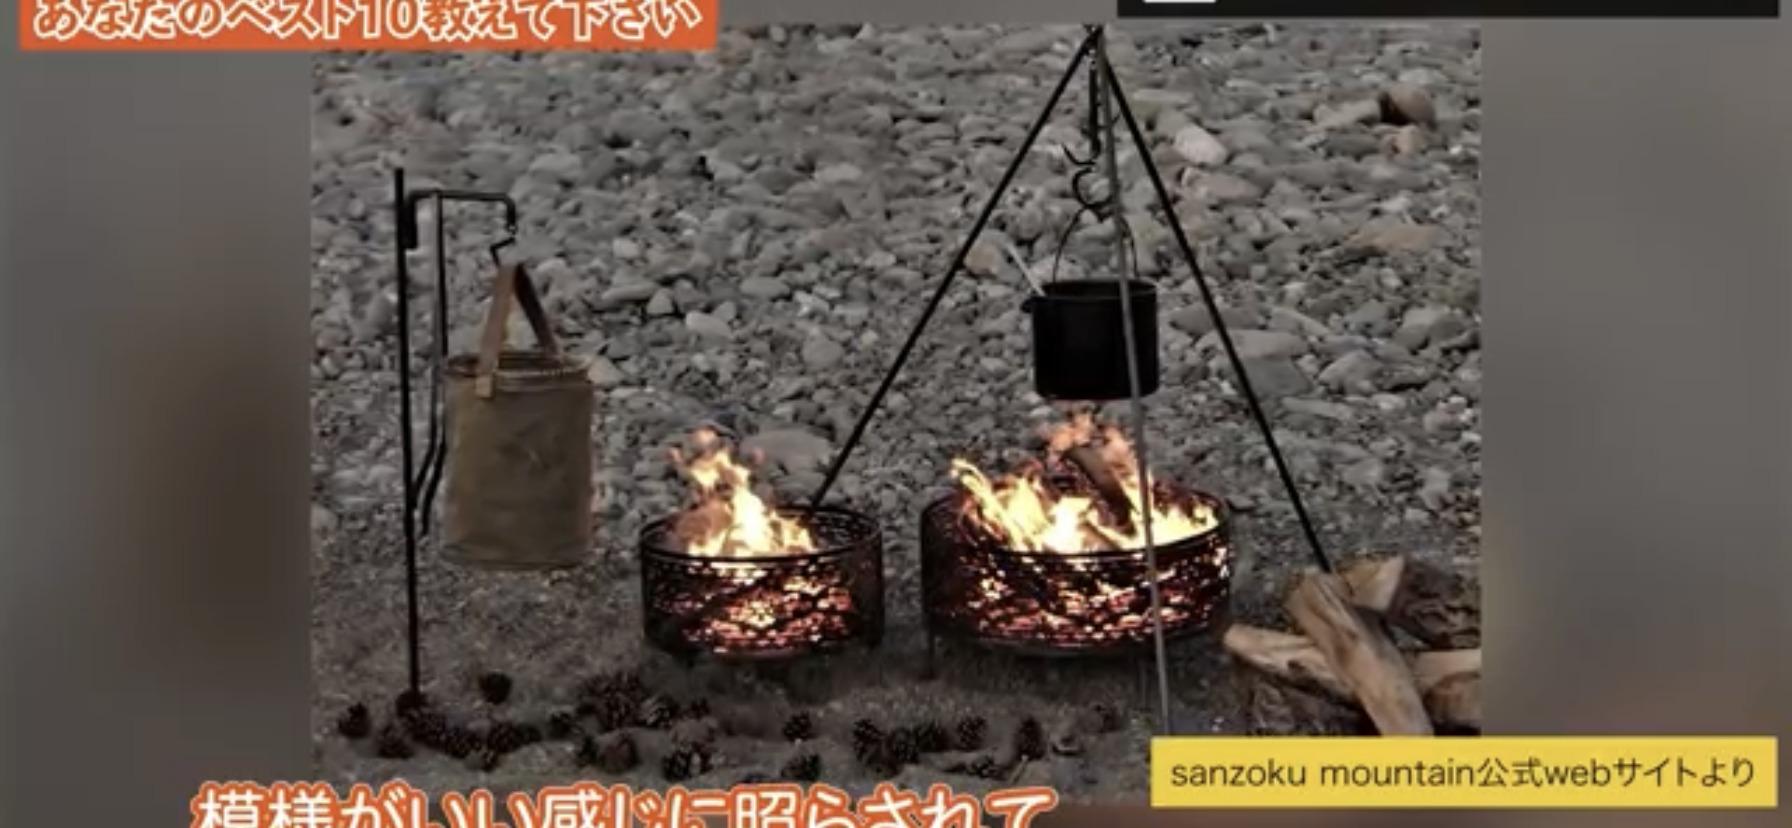 焚き火台【サンゾクマウンテン】mouncol悪tega